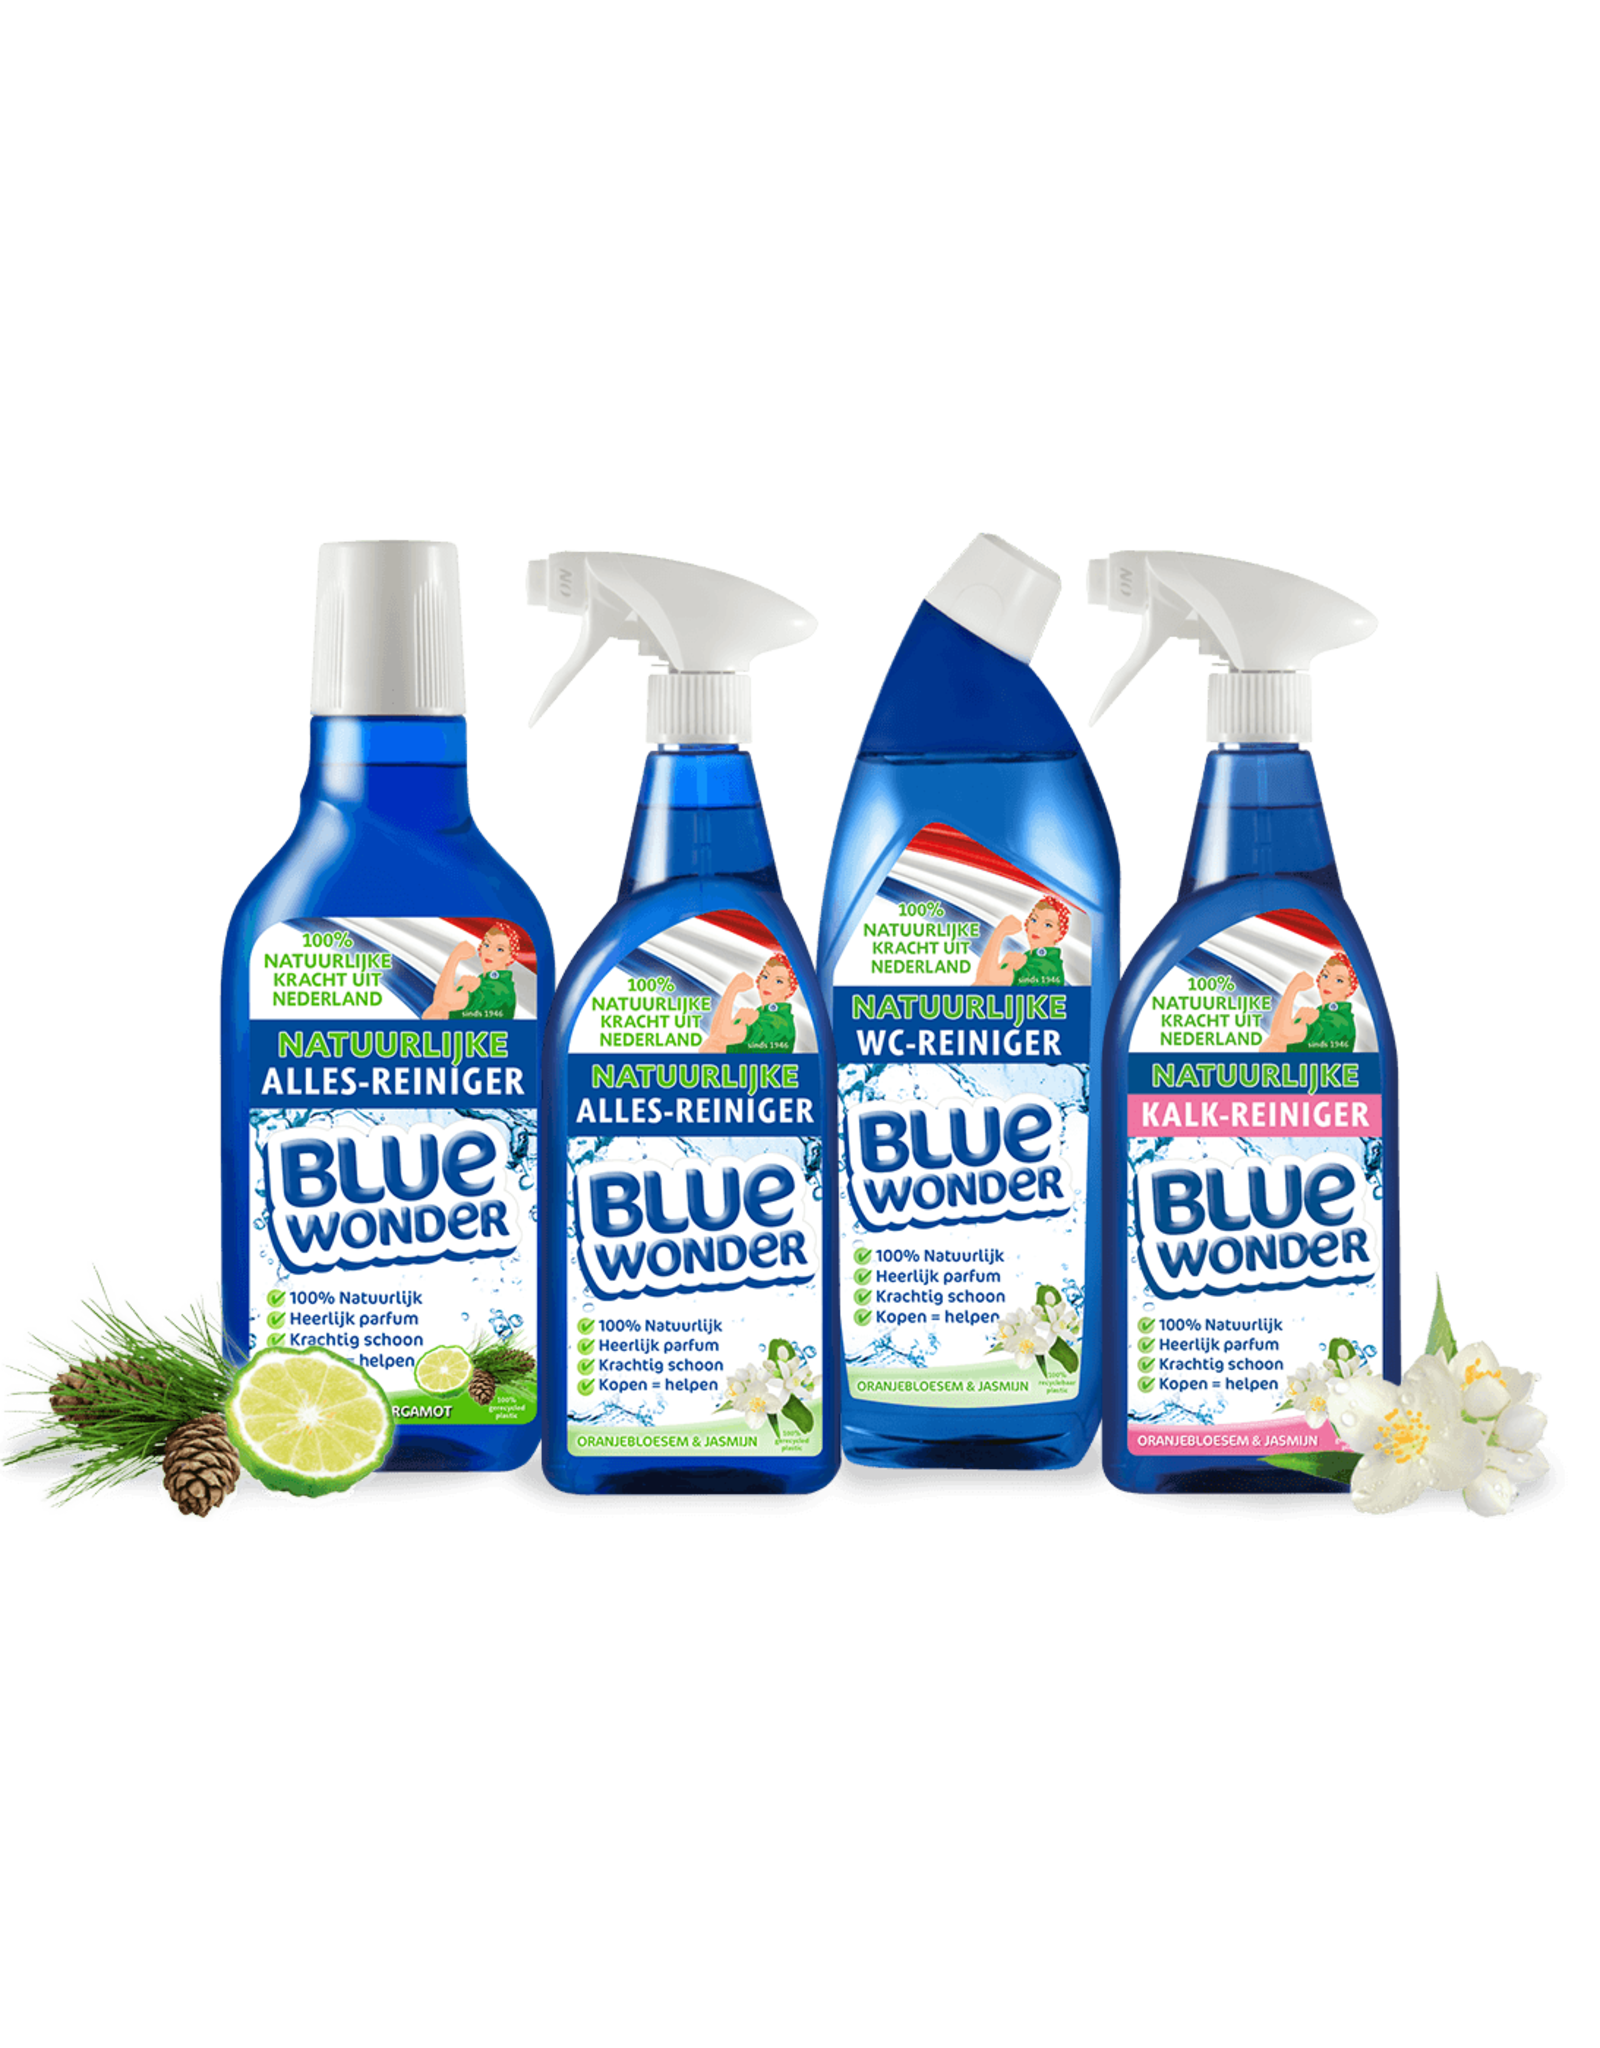 Blue Wonder Blue Wonder 100% natuurlijke Alles Reiniger Oranjebloesem Voordeelverpakking - 6x 750 ml spray fles omdoos (4,5 L)